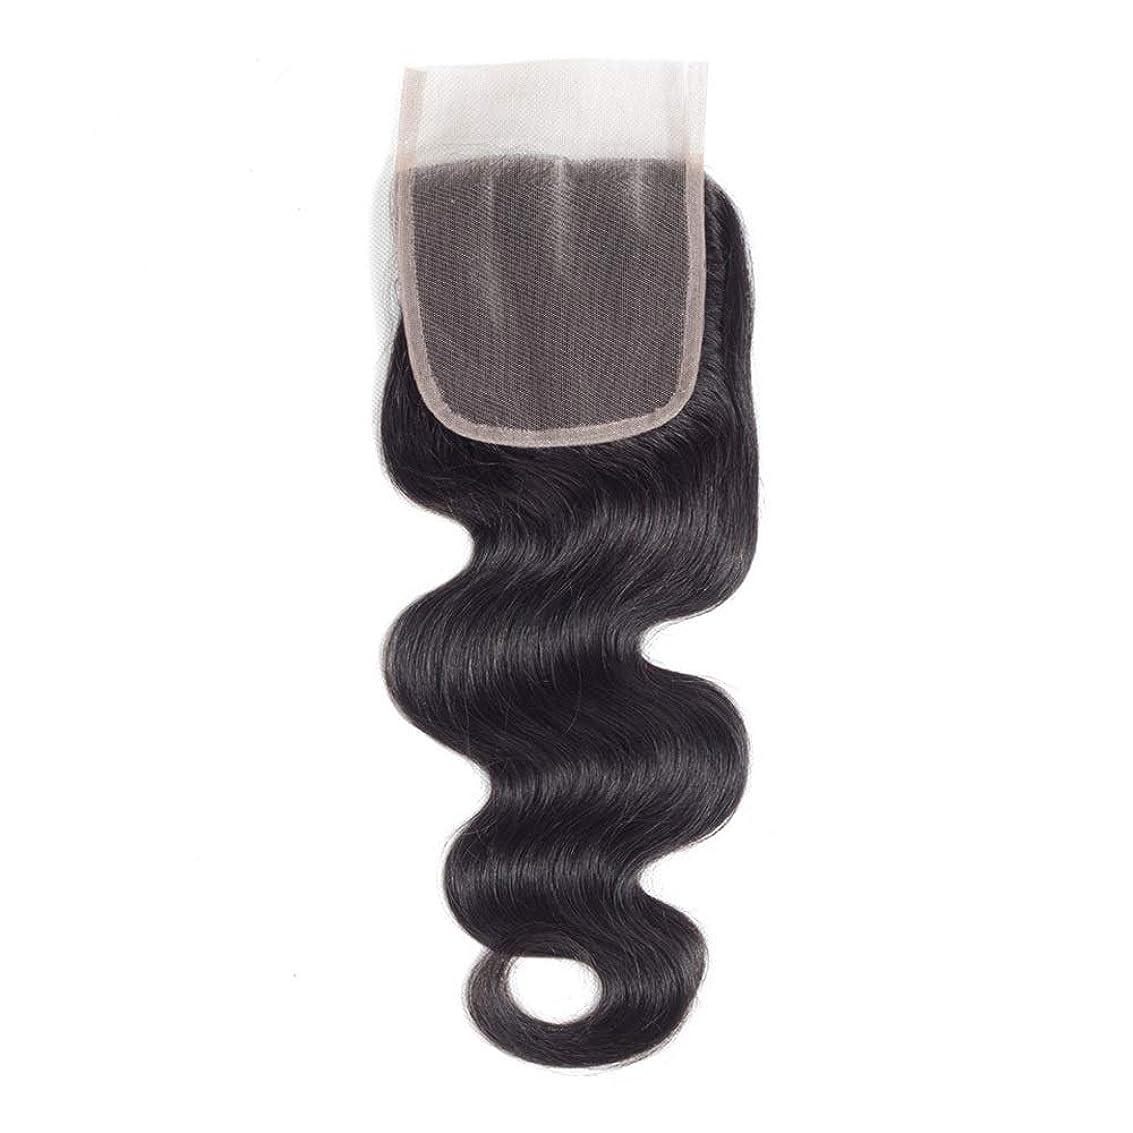 放射する吸収ポジティブYESONEEP ブラジル実体波巻き毛4 x 4インチレース閉鎖無料部分100%本物の人間の髪の毛の自然な色(8インチ-20インチ)長い巻き毛のかつら、 (色 : 黒, サイズ : 20 inch)